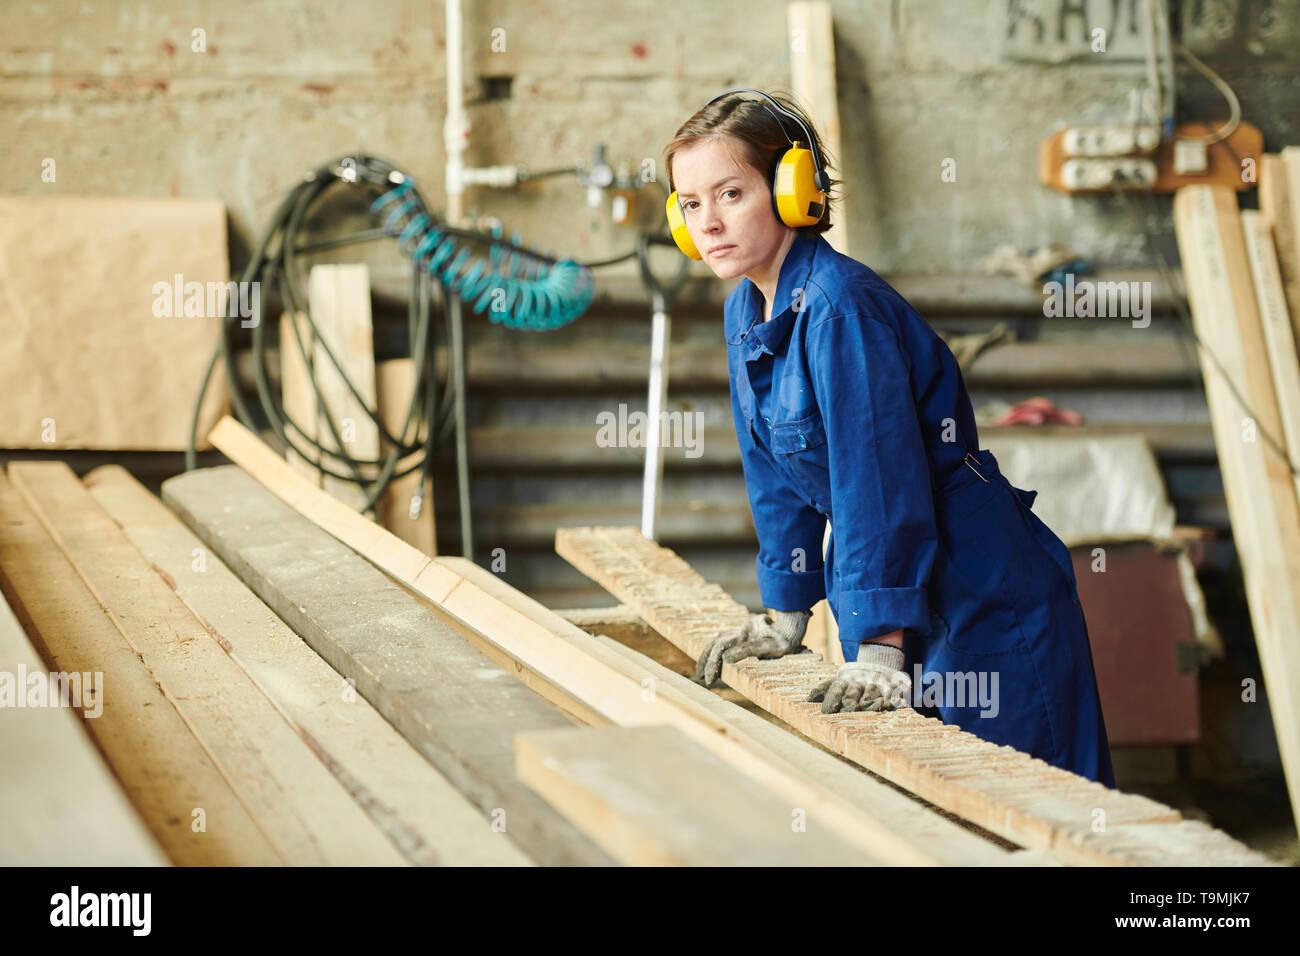 Frau Arbeiten bei Manufaktur Stockbild